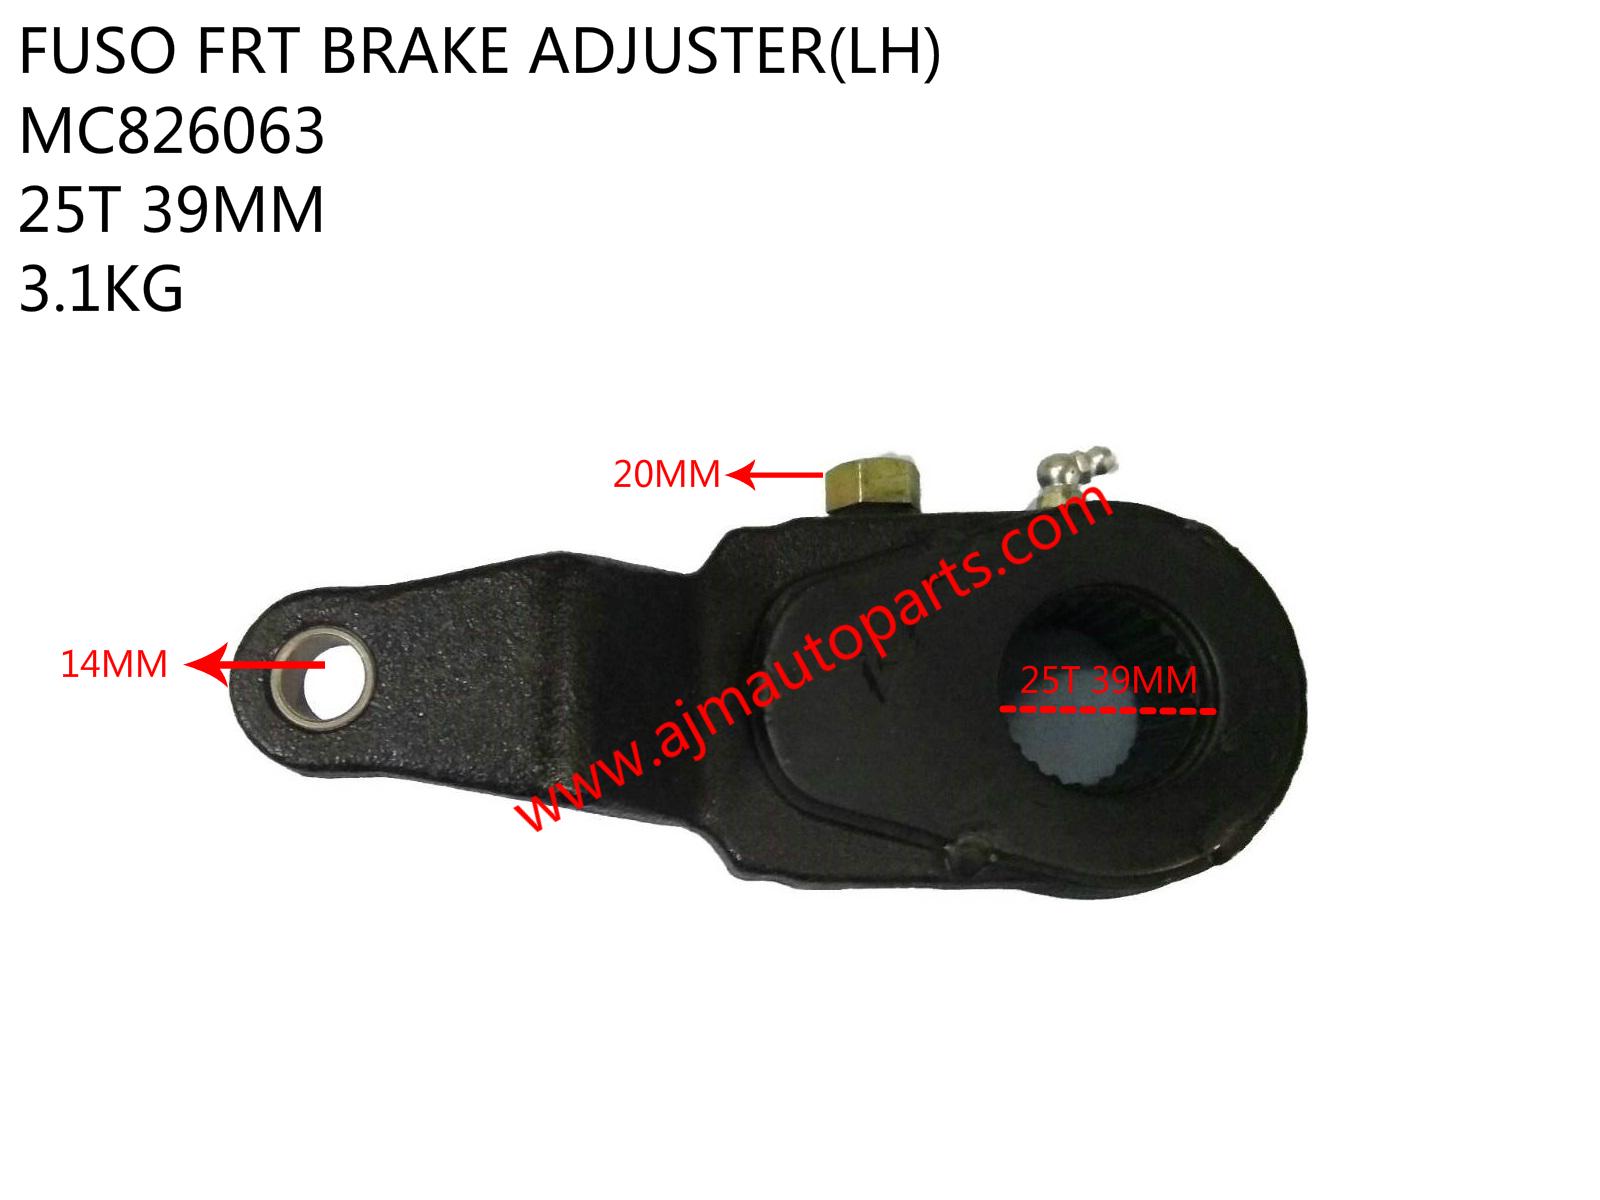 FUSO FRT BRAKE ADJUSTER(LH)-MC826063